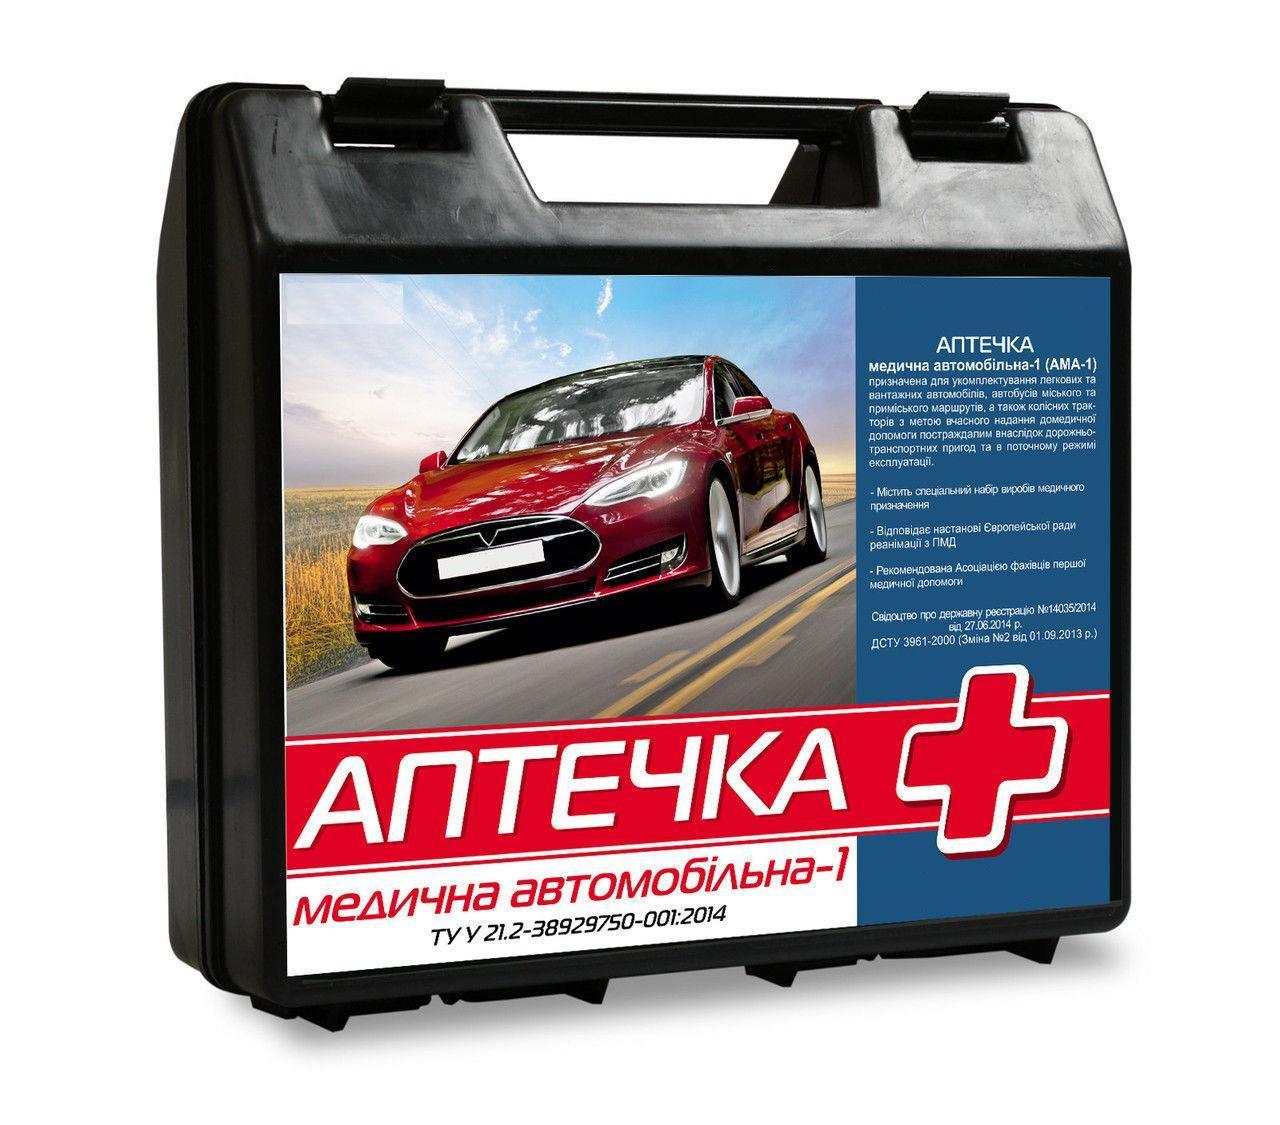 Аптечка медицинская ФМ Автомобильная ДСТУ 3961-2000